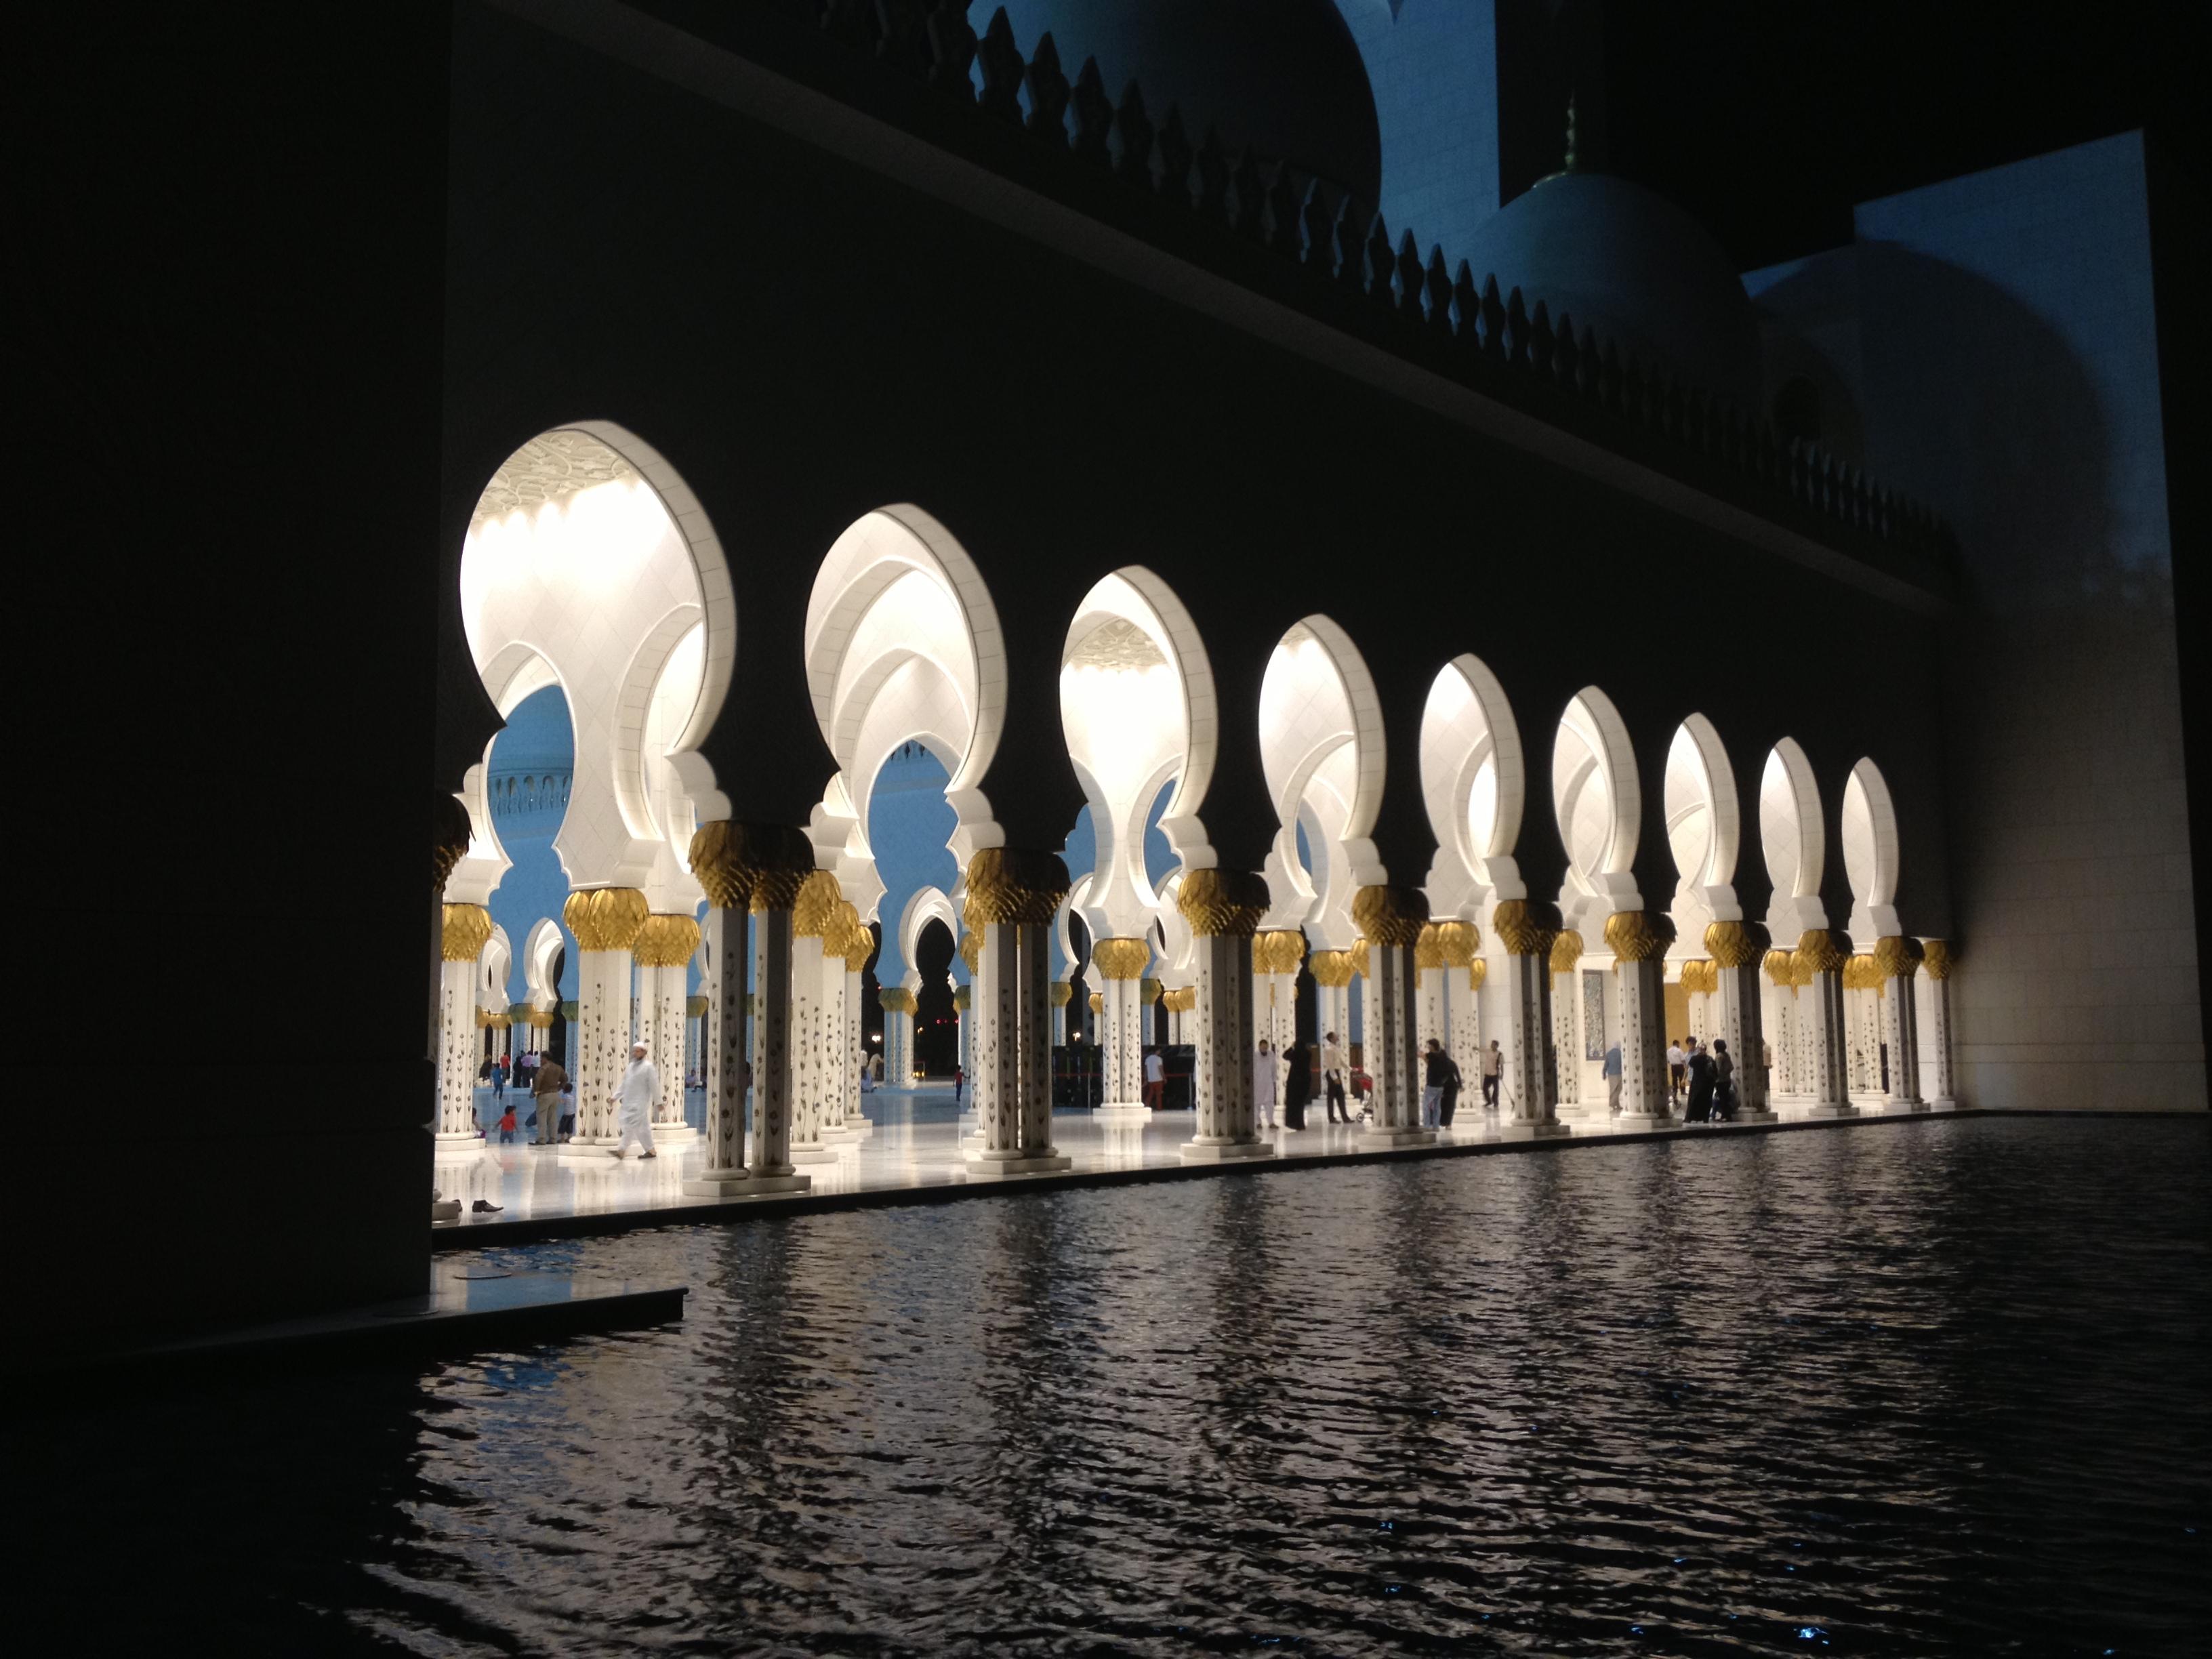 Dubaï DhabiAmbiances Jour De Abu 3 Carnet Voyage D'arabie P8OXZkN0wn